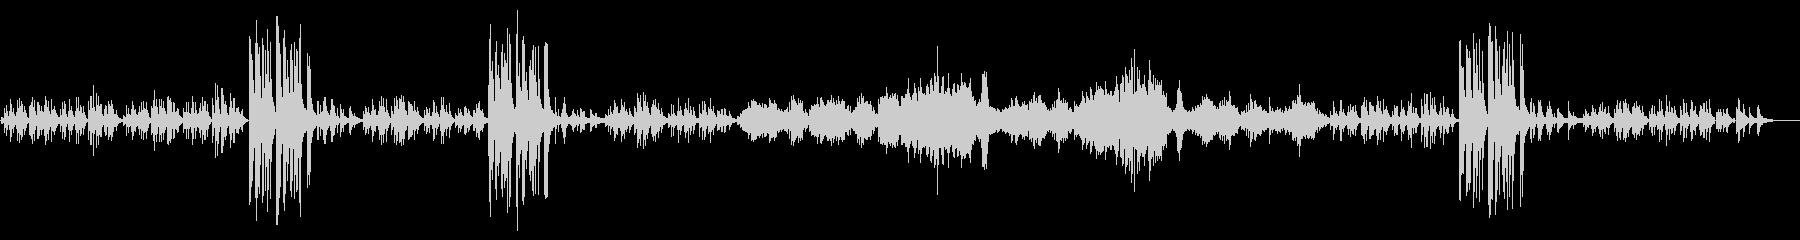 フランツ・シューベルトの解釈ピアノソロ。の未再生の波形